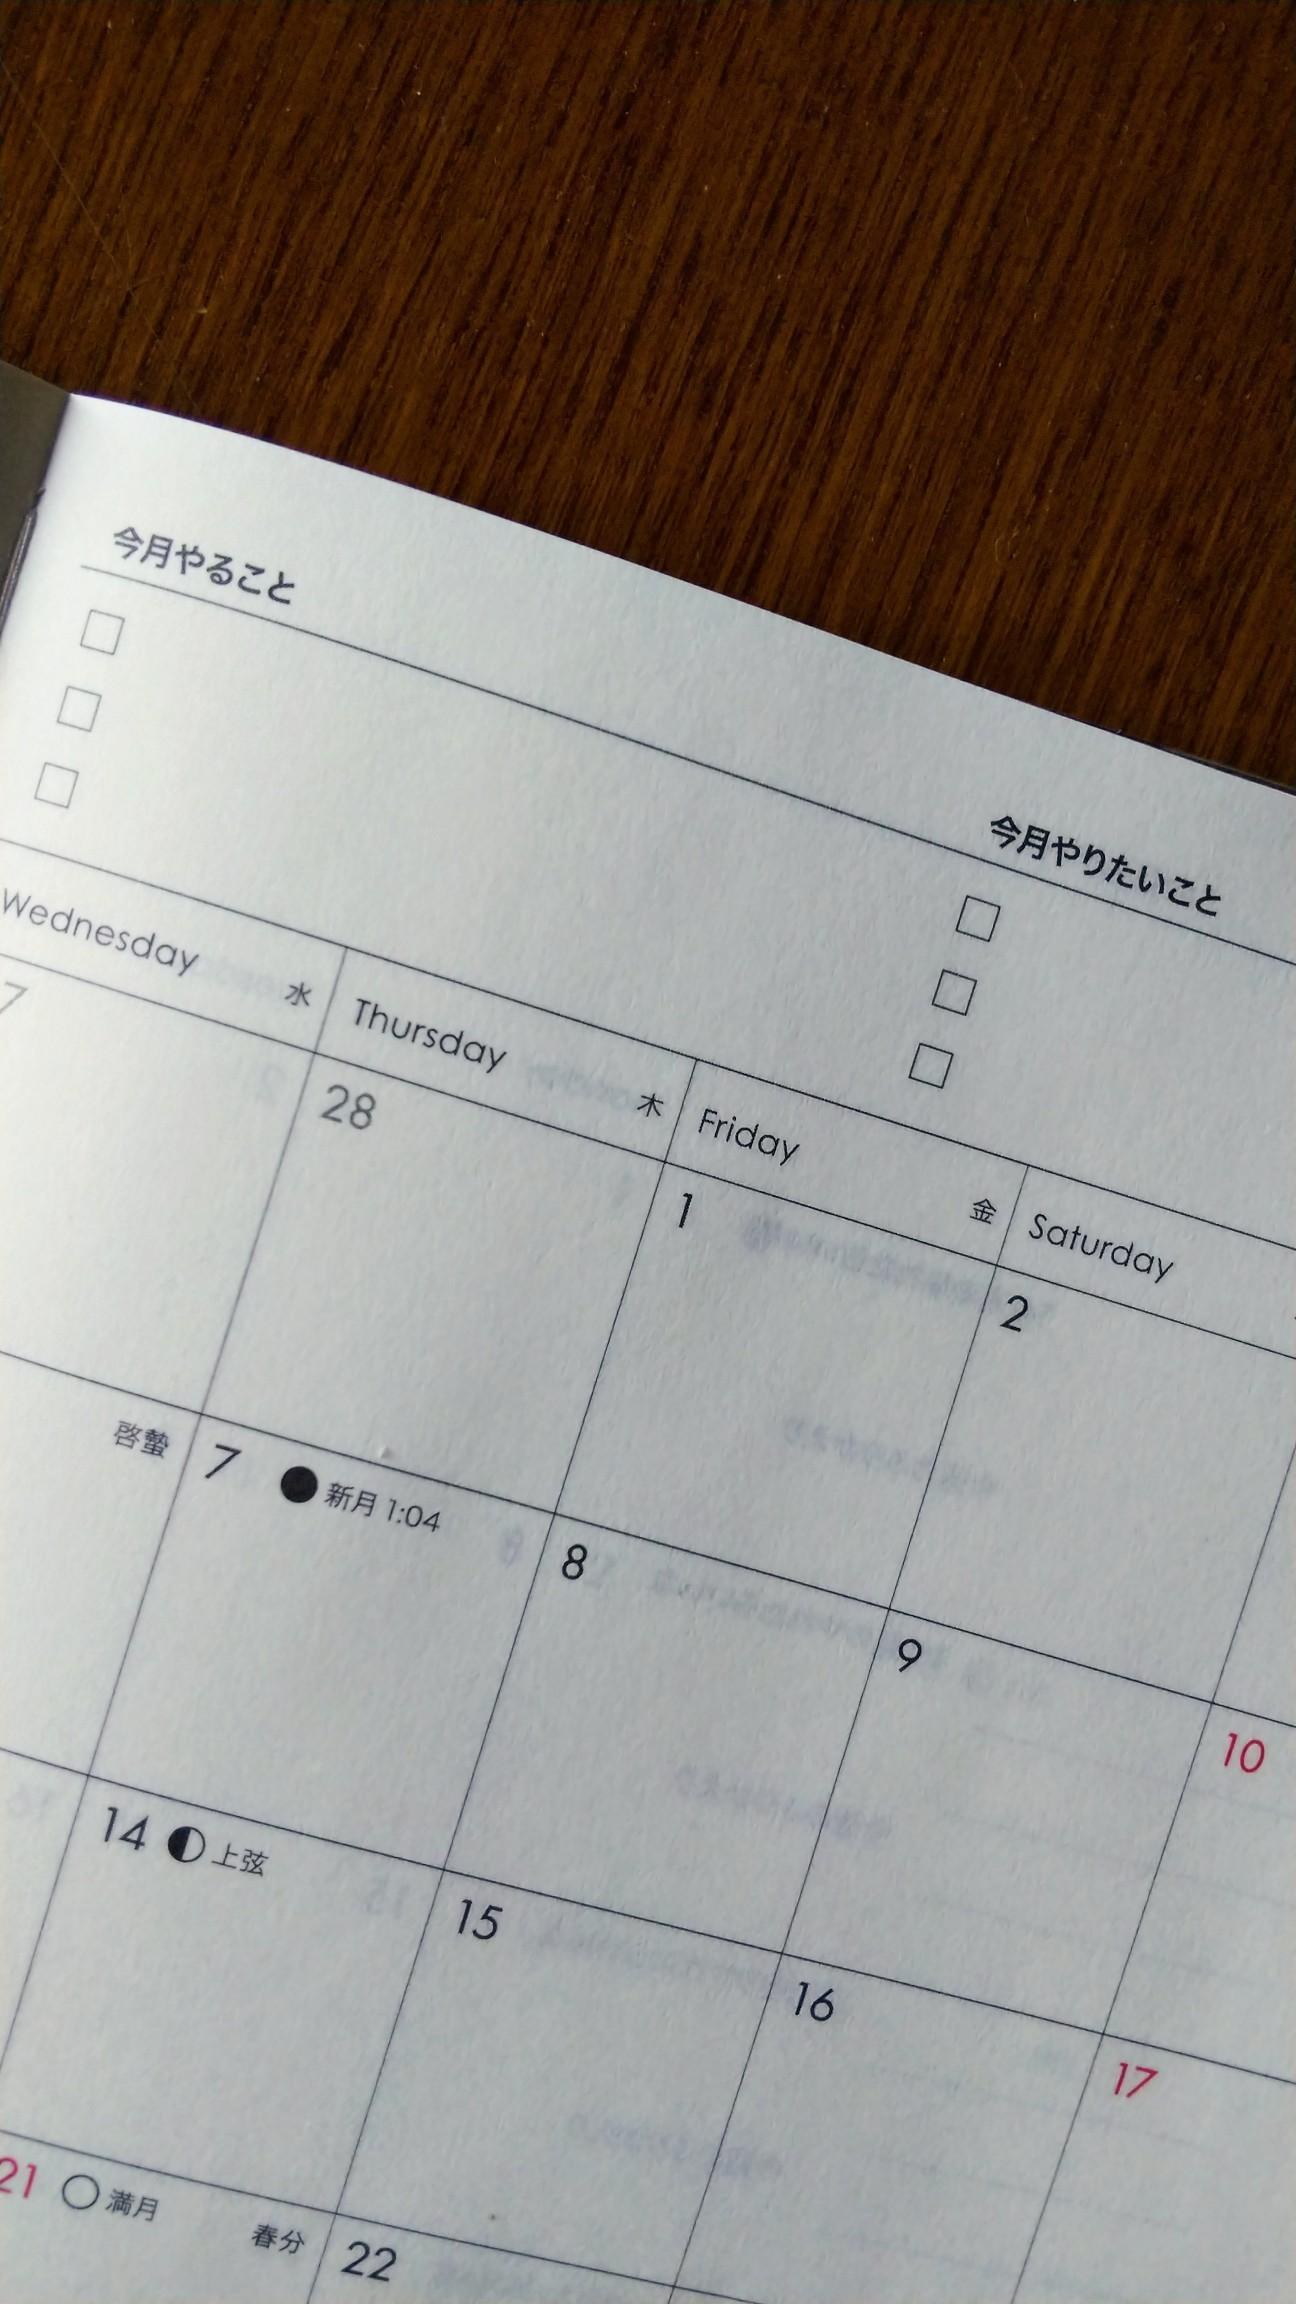 190302 新暦3月「今月やりたいこと・やること」を書こう!_f0164842_09163725.jpg